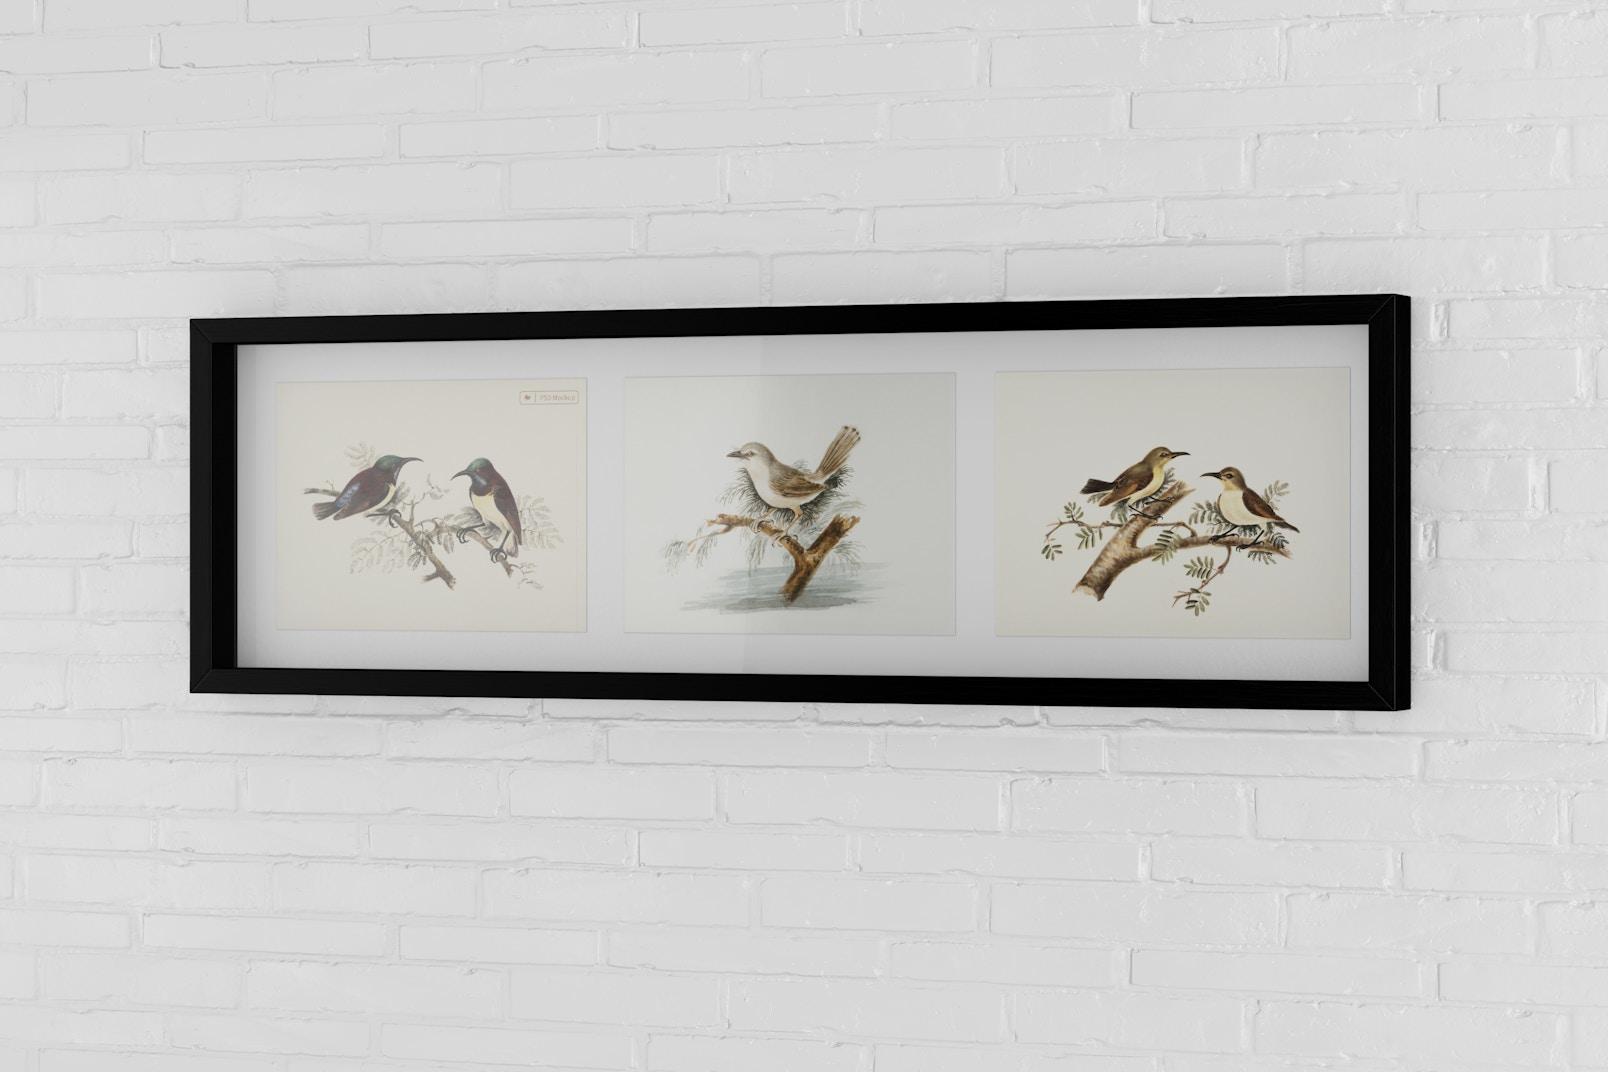 4:3 Multiple Photo Frame Mockup, Horizontal